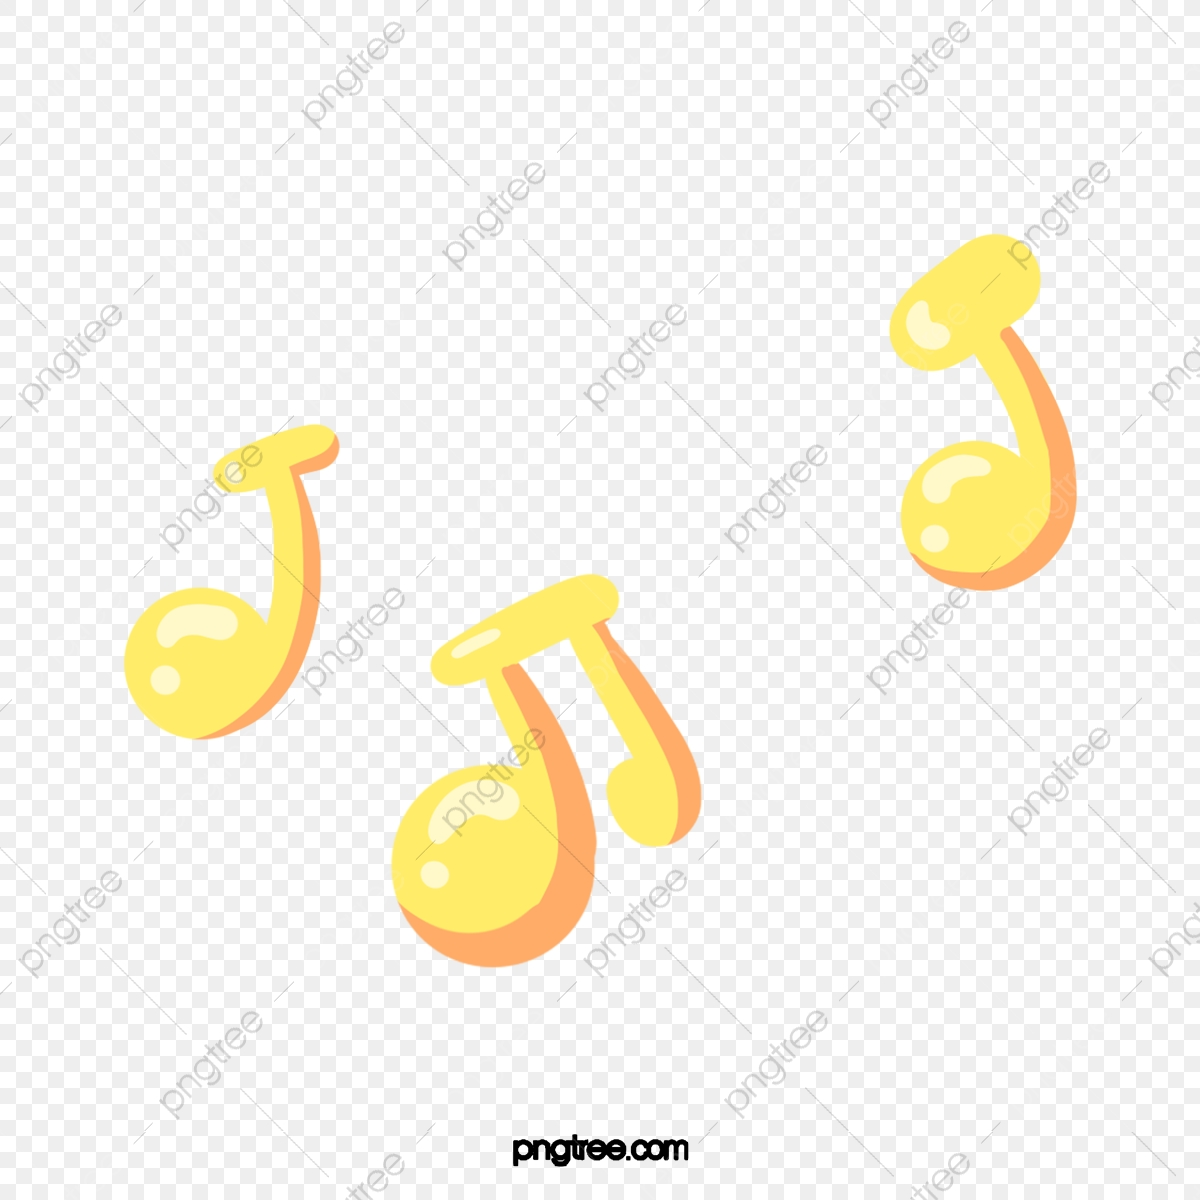 Simbolo De Musica Dos Desenhos Animados Amarelos Amarelo Cartoon